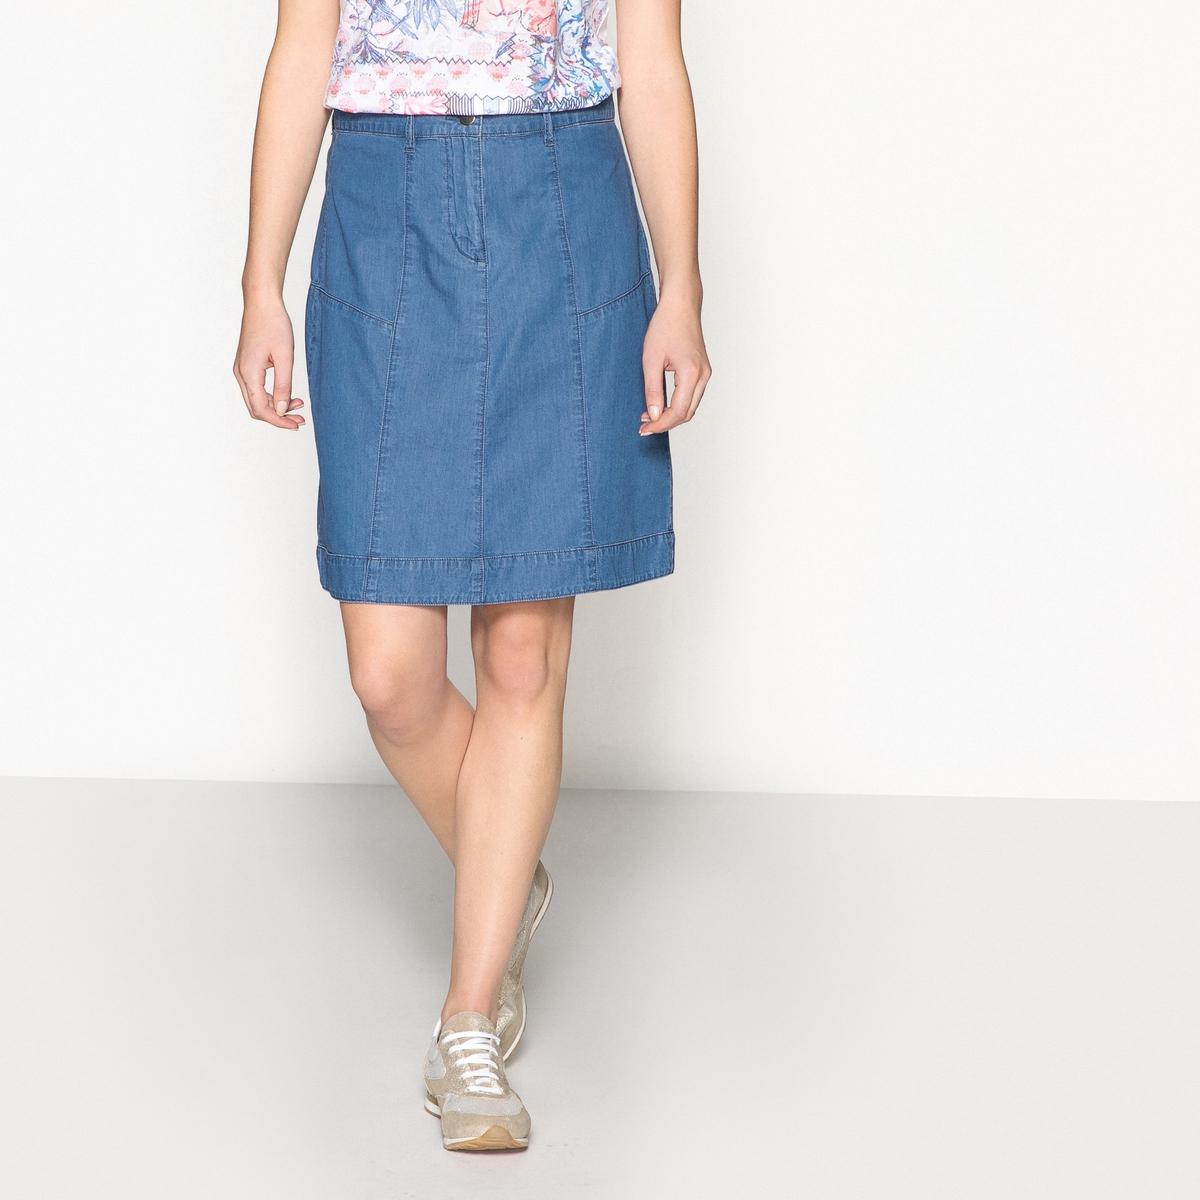 Imagen secundaria de producto de Falda recta de denim vaporoso - Anne weyburn